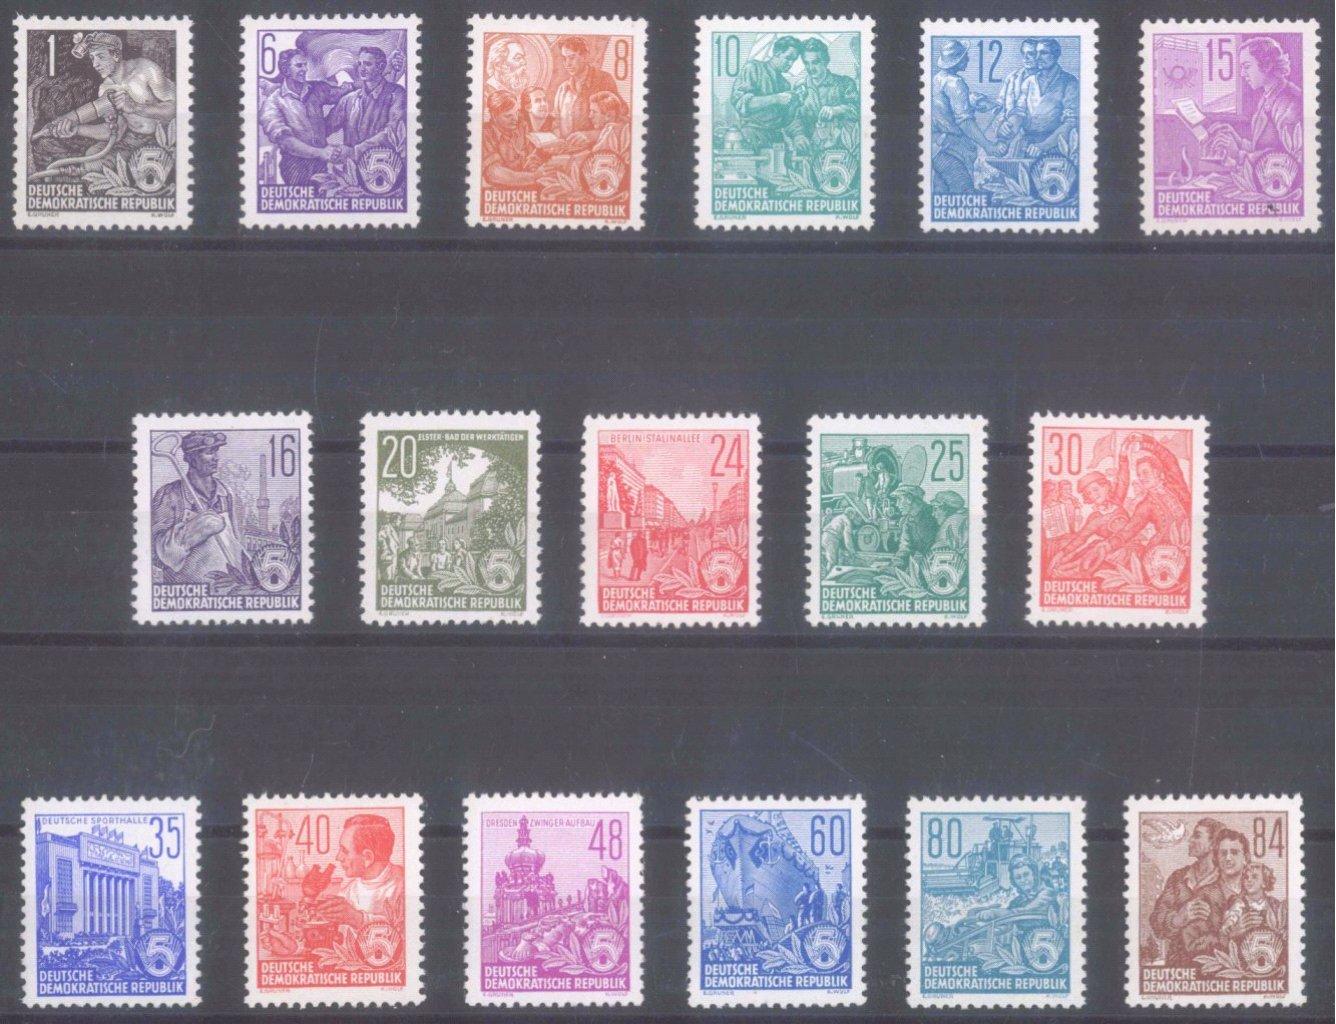 DDR 1953, Fünfjahrplan, Buchdruck